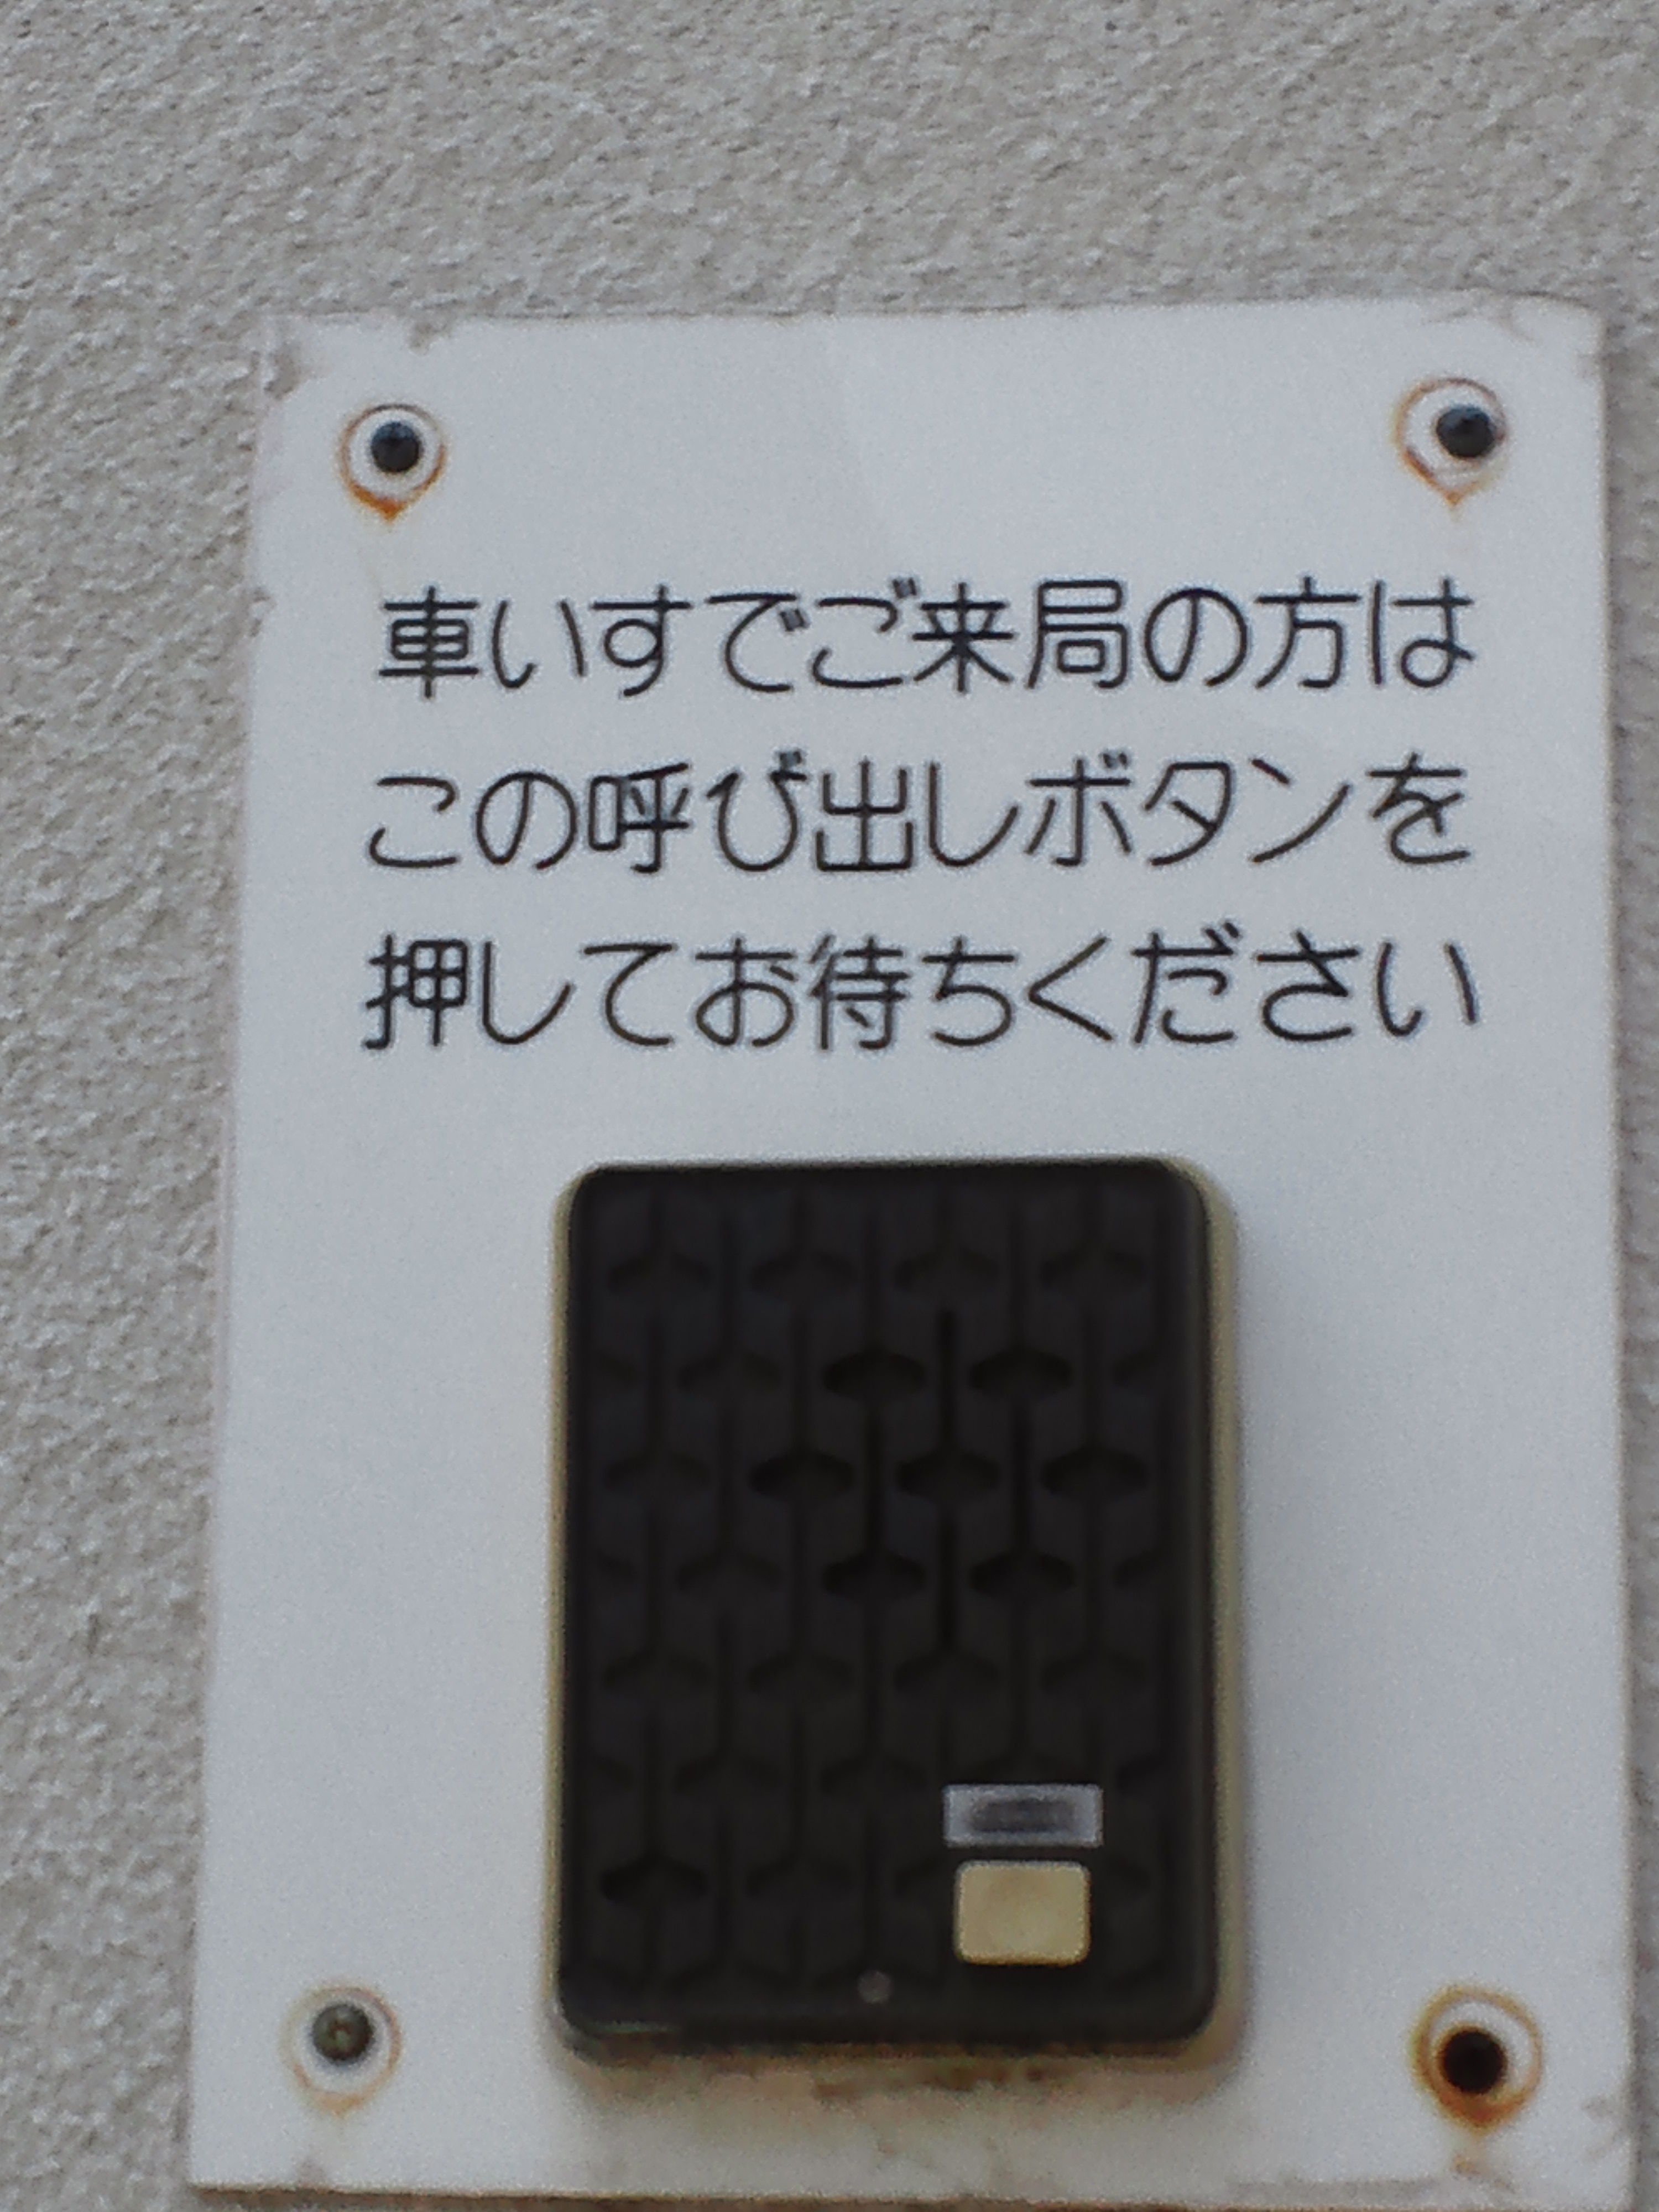 瀬川郵便局の呼び鈴